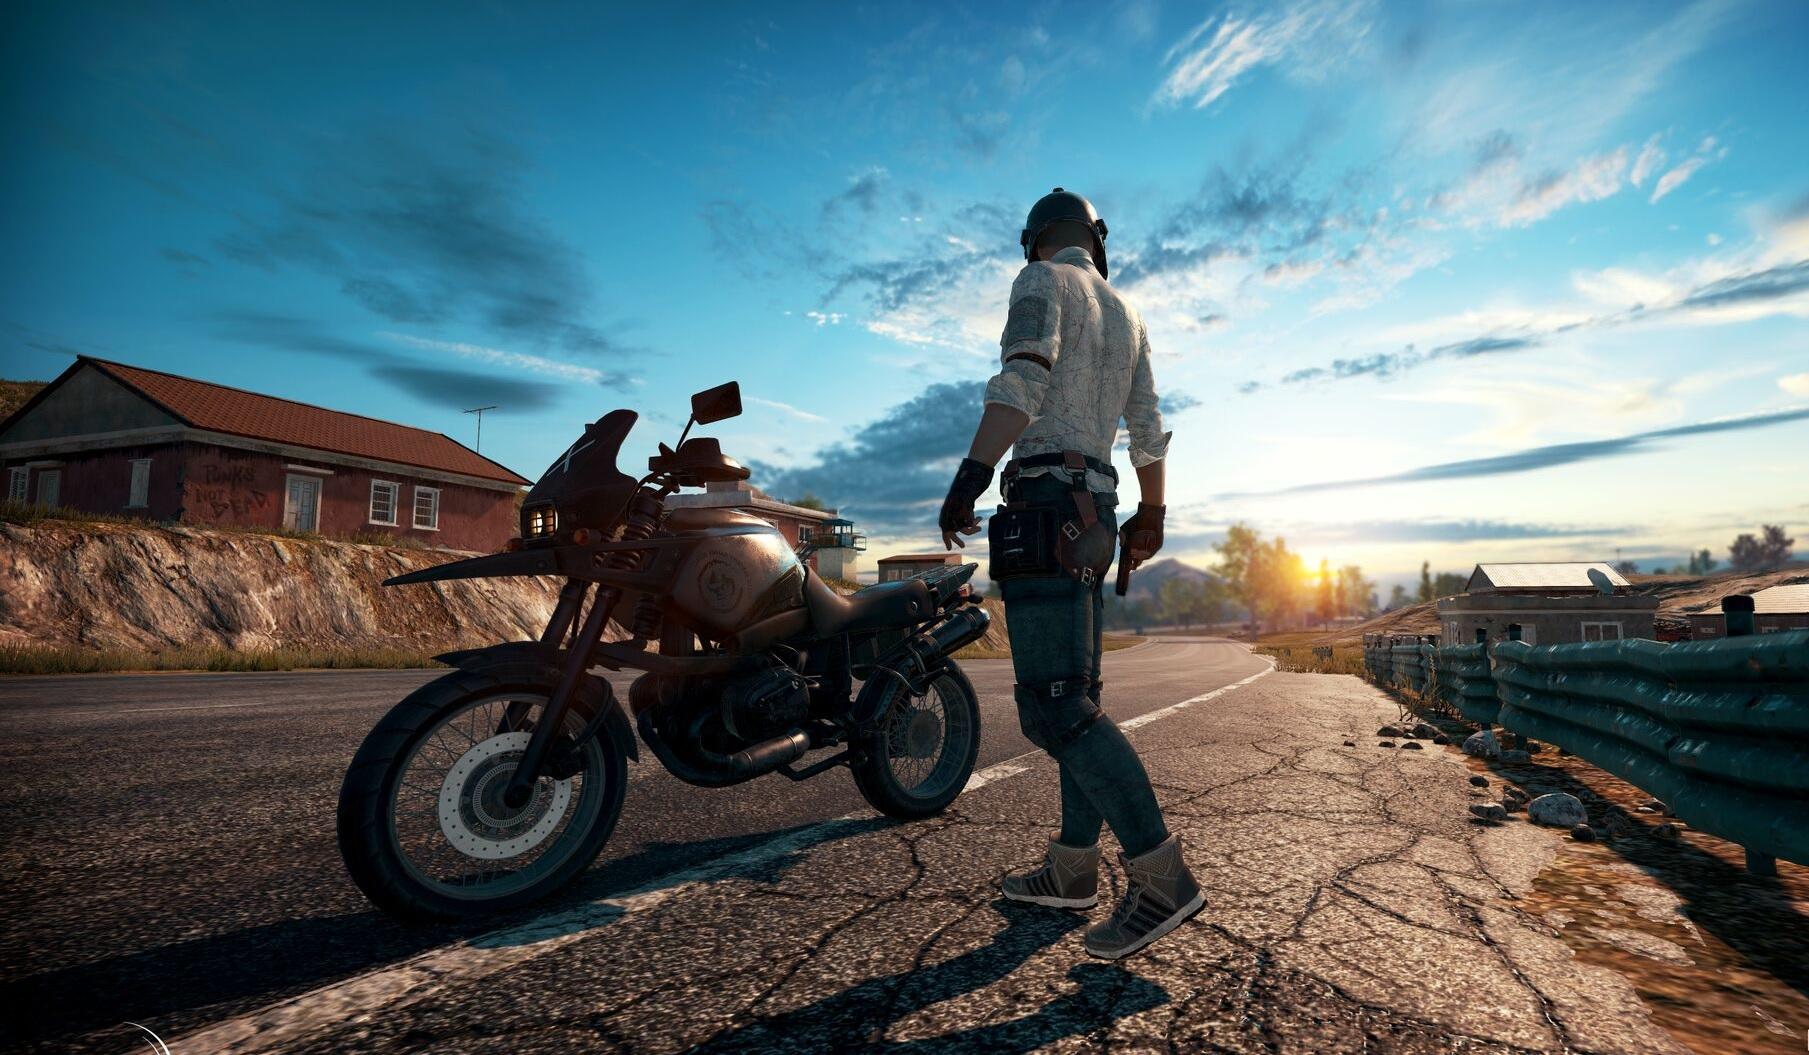 Durante um Inside Xbox na Gamescom 2019, os desenvolvedores de Playerunknown's Battlegrounds revelaram que estão trabalhando em um cross-play entre os consoles Xbox One e PlayStation 4.